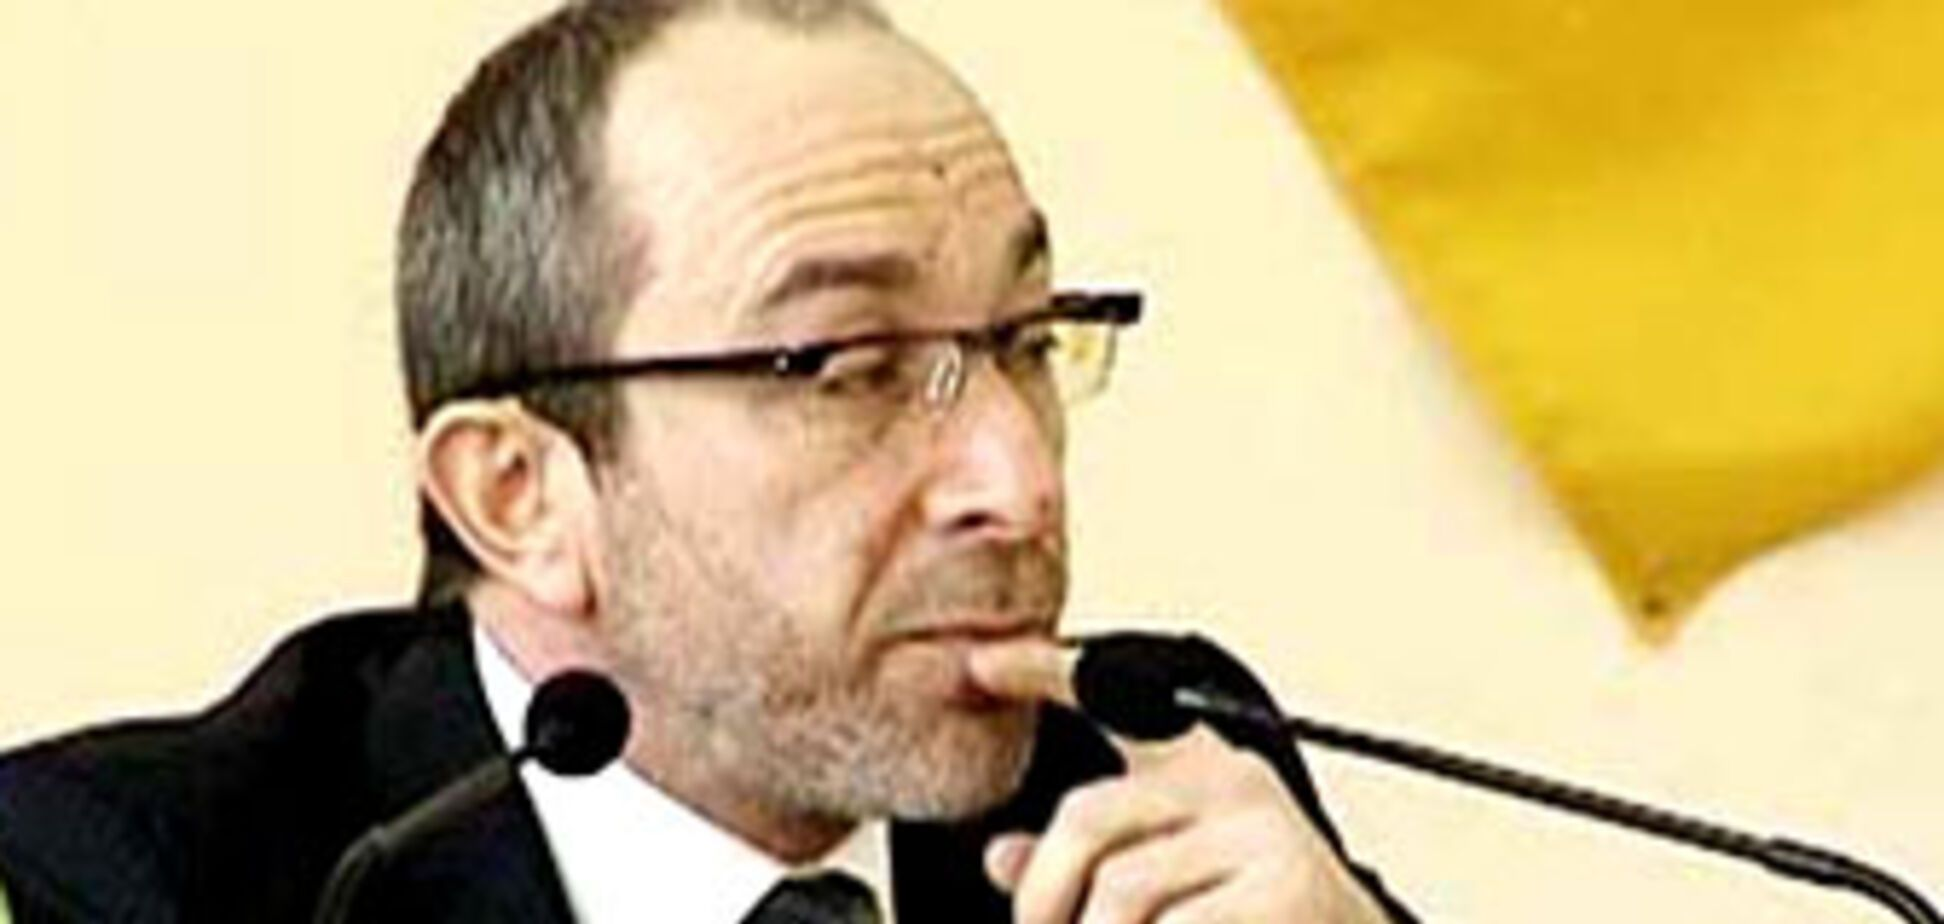 Против Кернеса возбудили уголовное дело